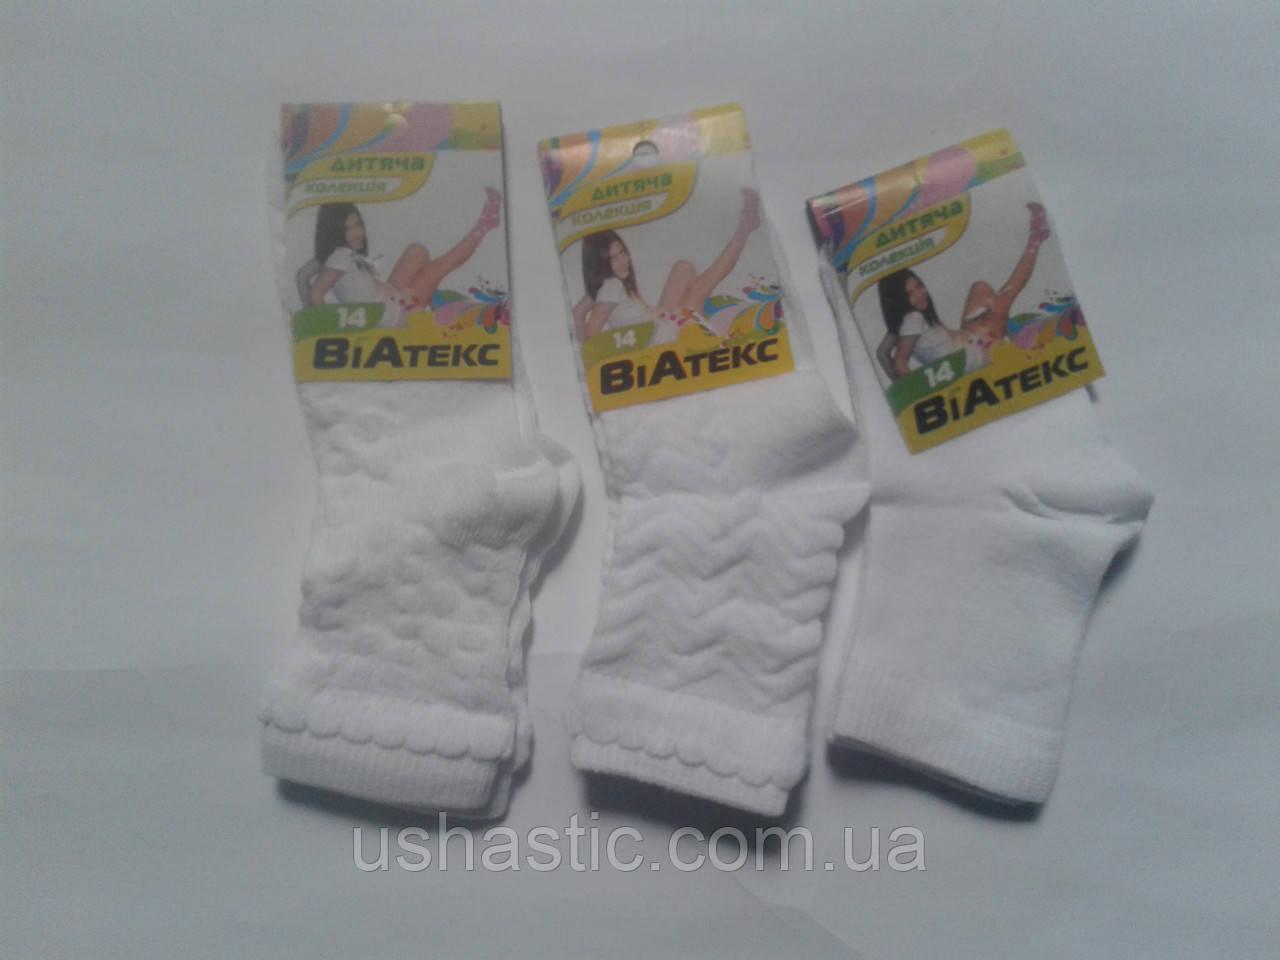 Носочки белые ажурные для девочек на 1-2 года (р.14) Украина